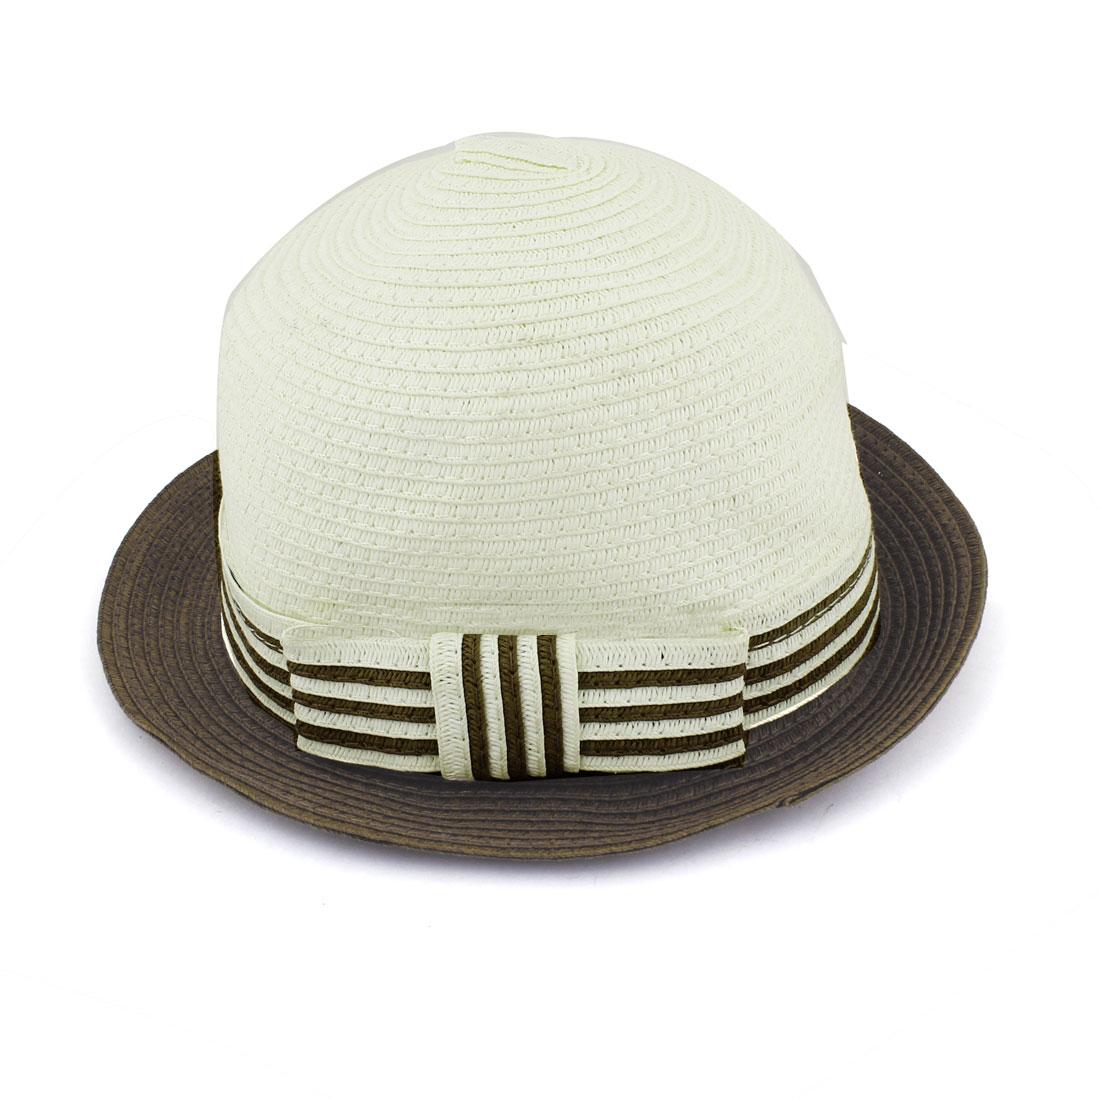 Brown Beige Straw Braided Round Brim Panama Hat Cap for Women